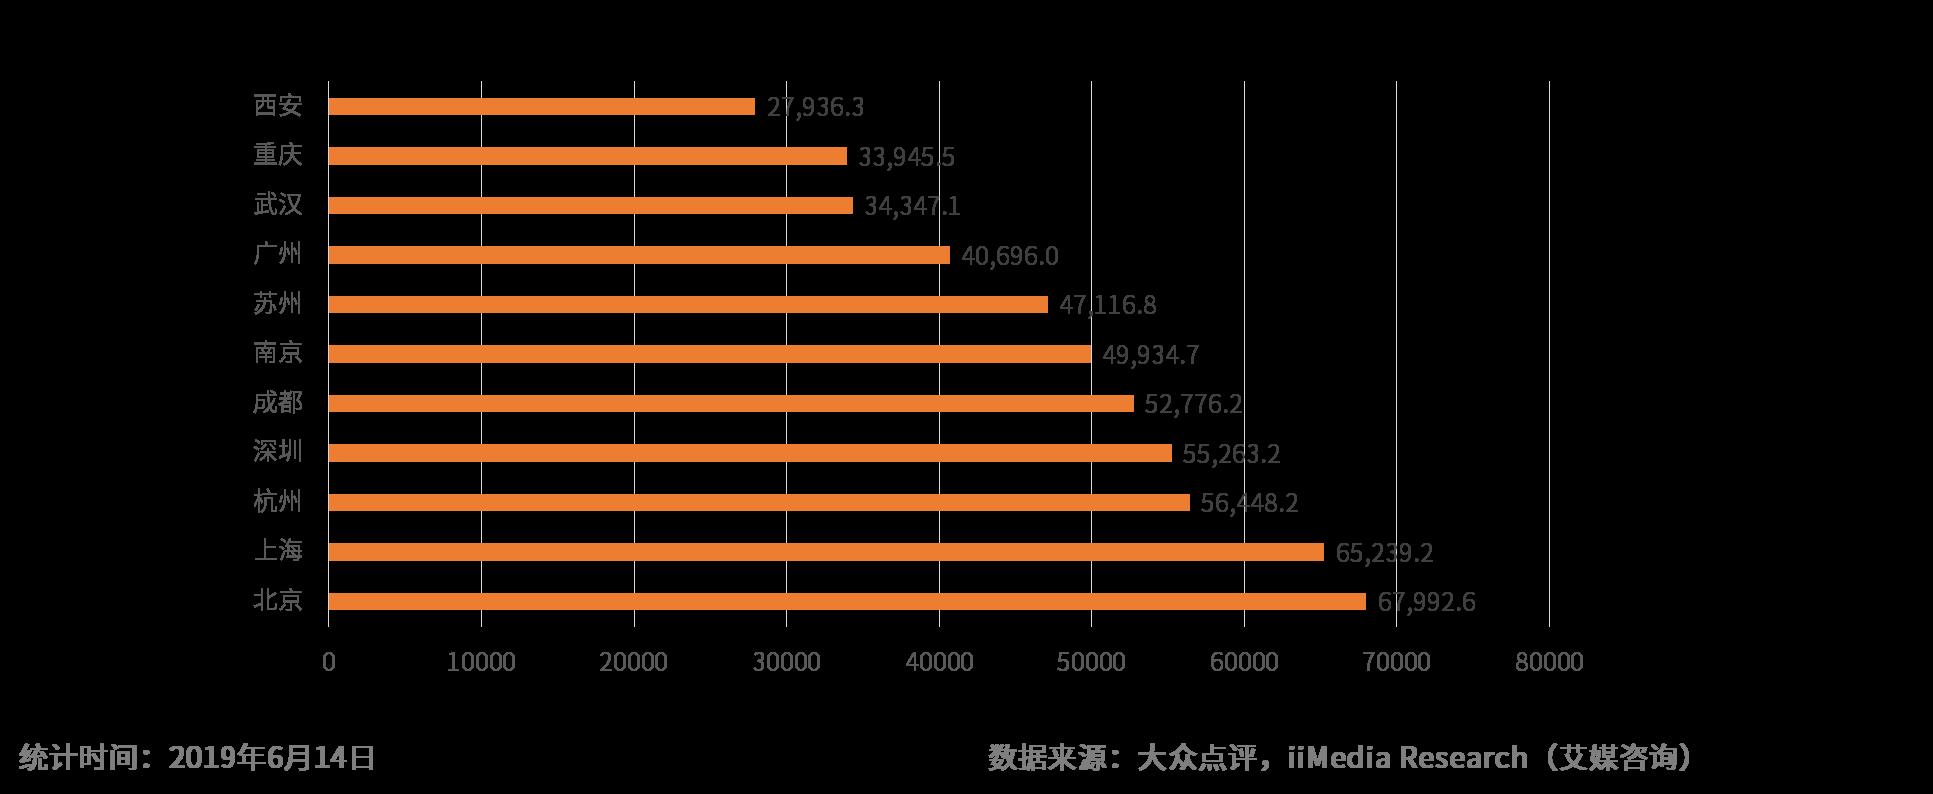 2019中国月子中心产业发展现状与前景分析